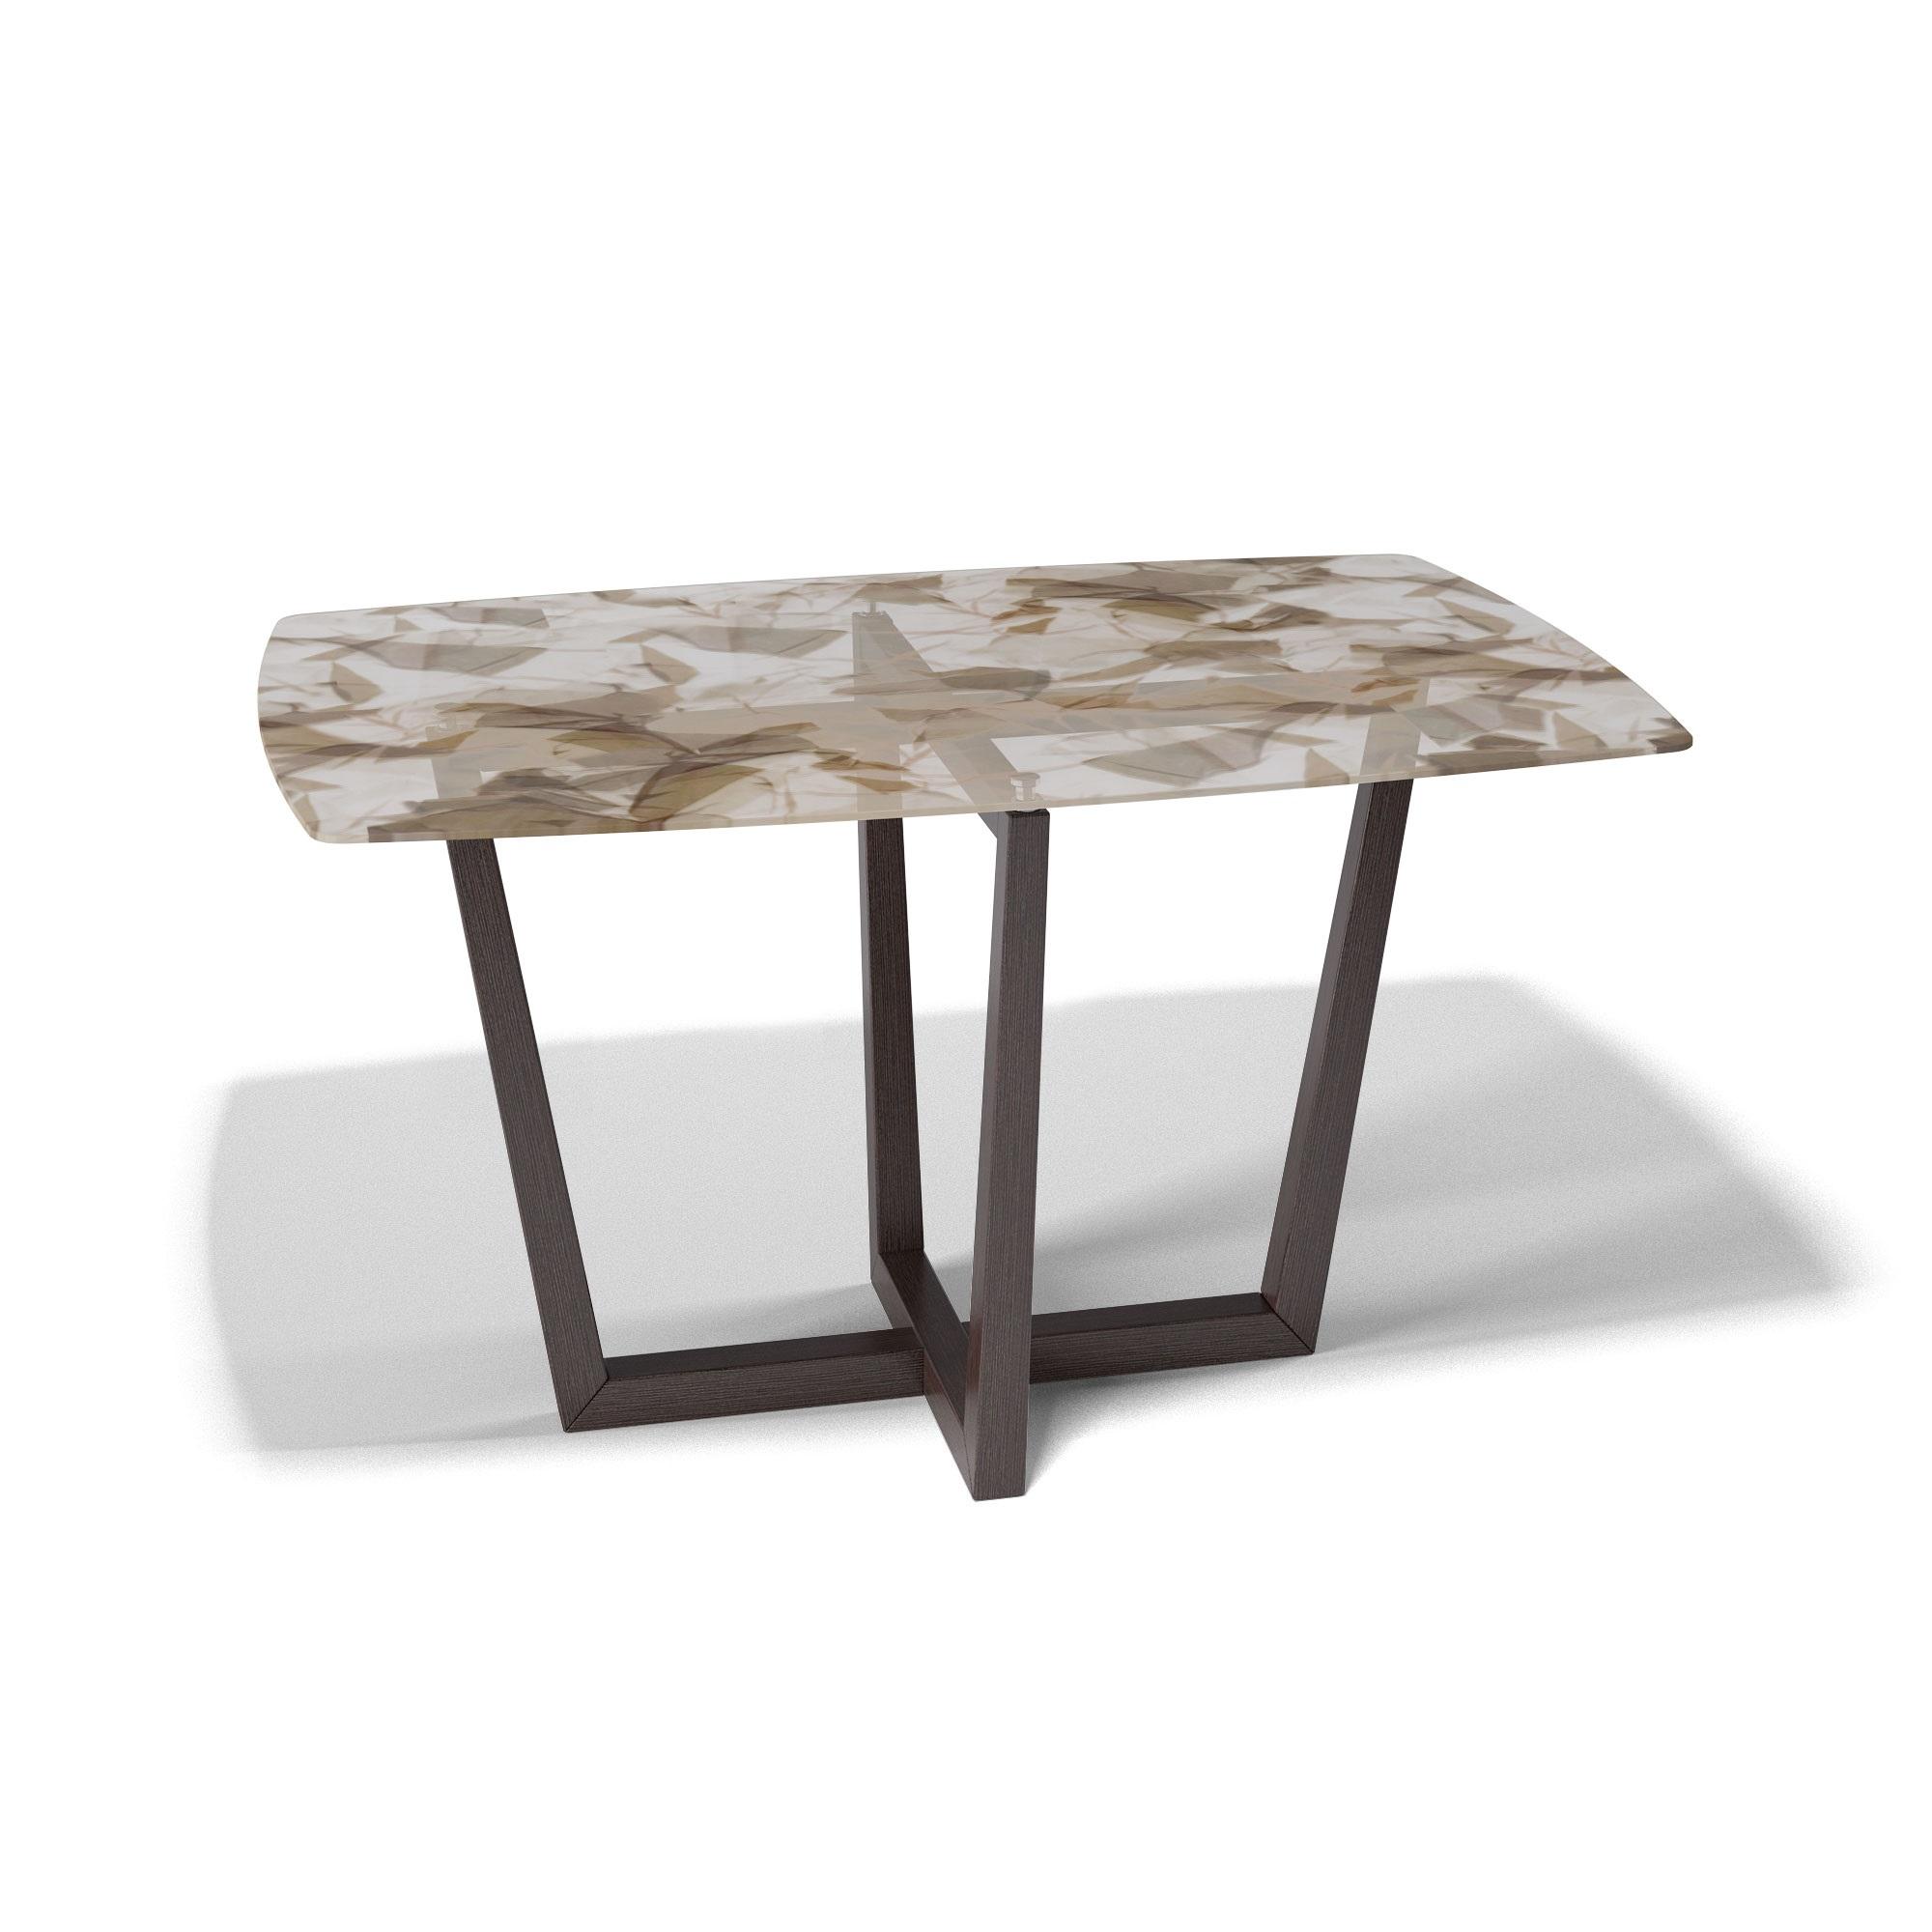 Стол обеденный KennerОбеденные столы<br>Столешница выполнена из стекла &amp;quot;триплекс&amp;quot;(6 мм - два или более органических или силикатных стекла, склеенные между собой специальной полимерной плёнкой, способной при ударе удерживать осколки)  с тканью внутри.&amp;amp;nbsp;&amp;lt;div&amp;gt;Основание выполнено массива бука.&amp;amp;nbsp;&amp;lt;/div&amp;gt;&amp;lt;div&amp;gt;Стекло не боится влаги, бытовой химии, выдерживает перепады на горячие и холодные температуры.&amp;amp;nbsp;&amp;lt;/div&amp;gt;&amp;lt;div&amp;gt;За таким столом могут разместиться 6 человек.&amp;lt;/div&amp;gt;<br><br>Material: Дерево<br>Ширина см: 140<br>Высота см: 76<br>Глубина см: 90